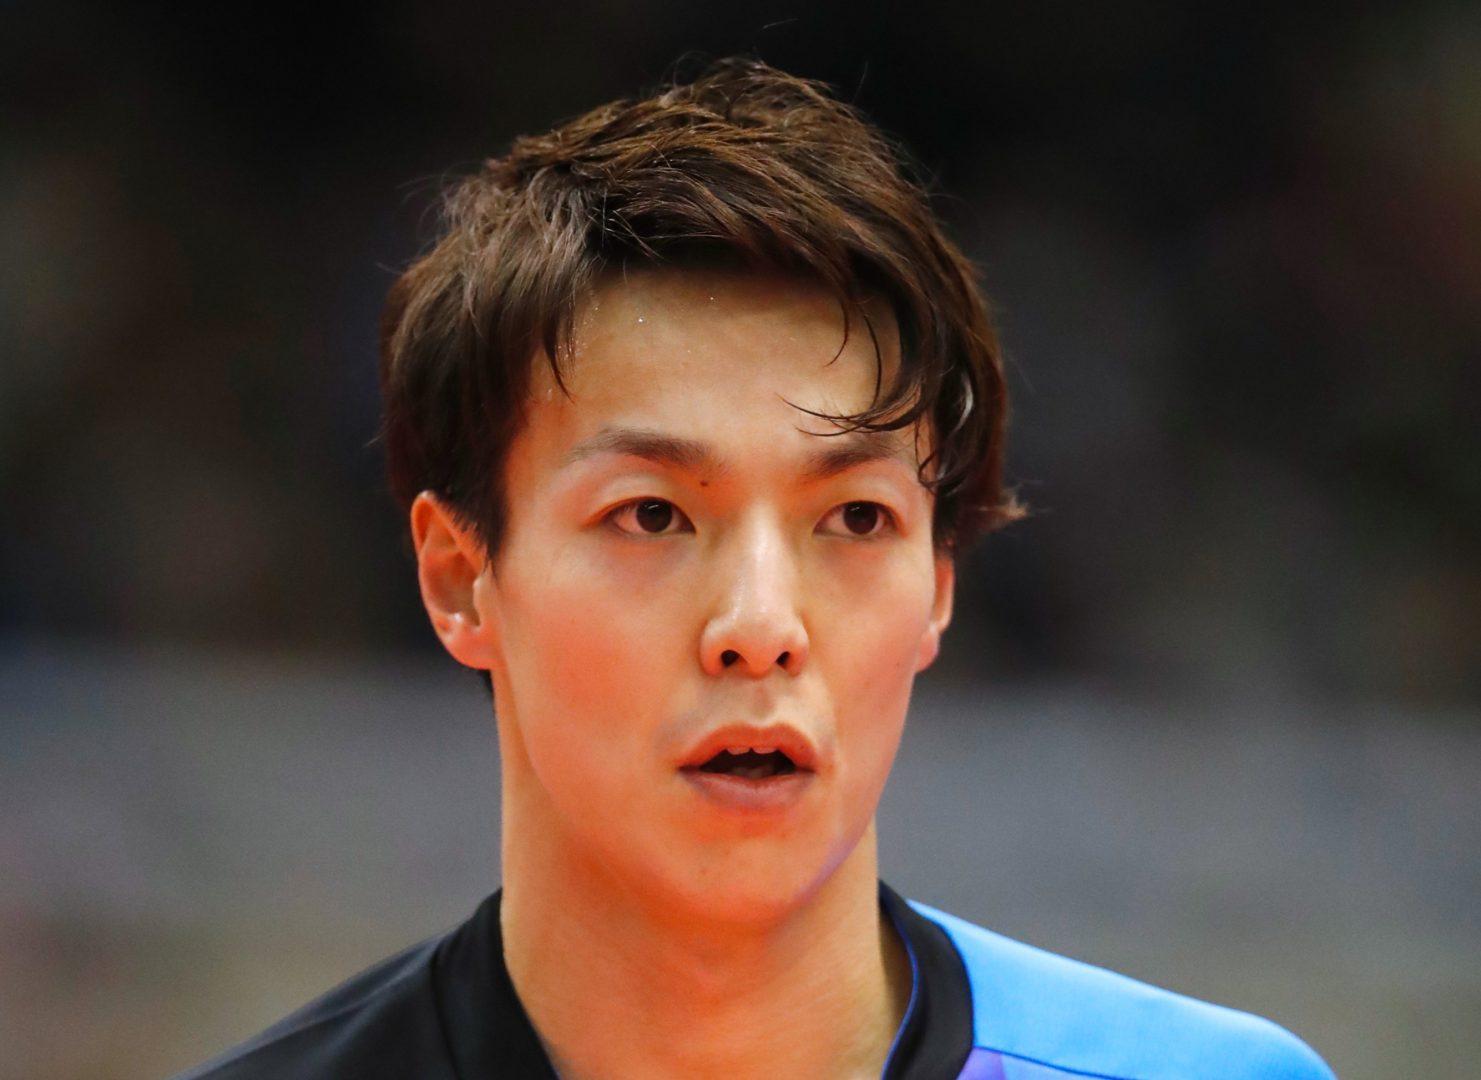 卓球・松平賢二パパになる「筋肉量はまだ未知数」 有名選手からもお祝いコメント続々